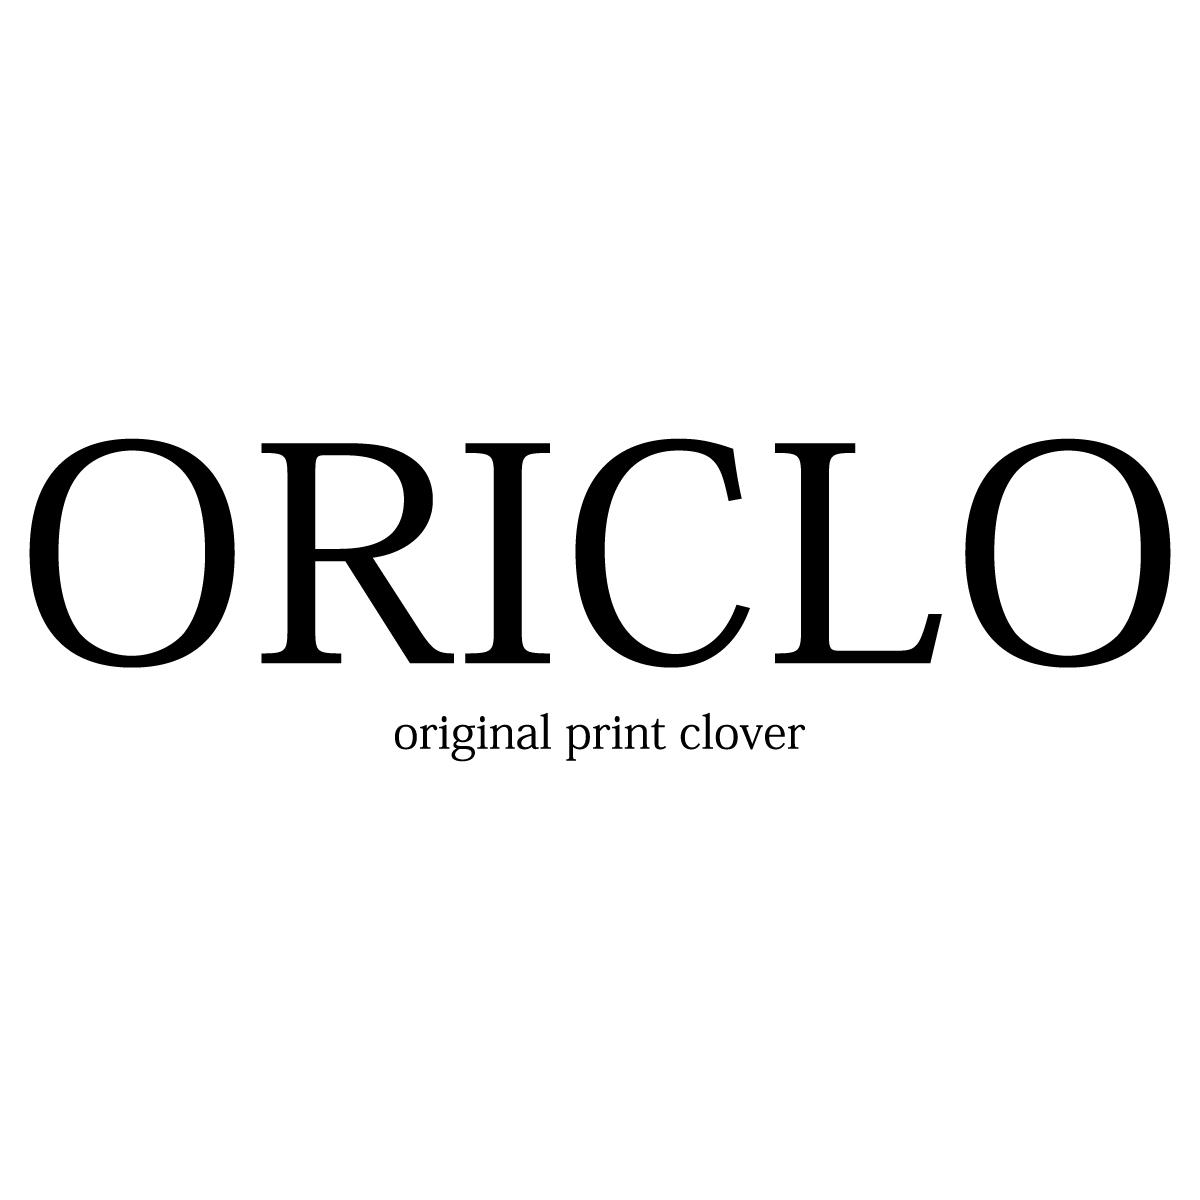 ORICLO(オリクロ)| 他ではない特別なモノ